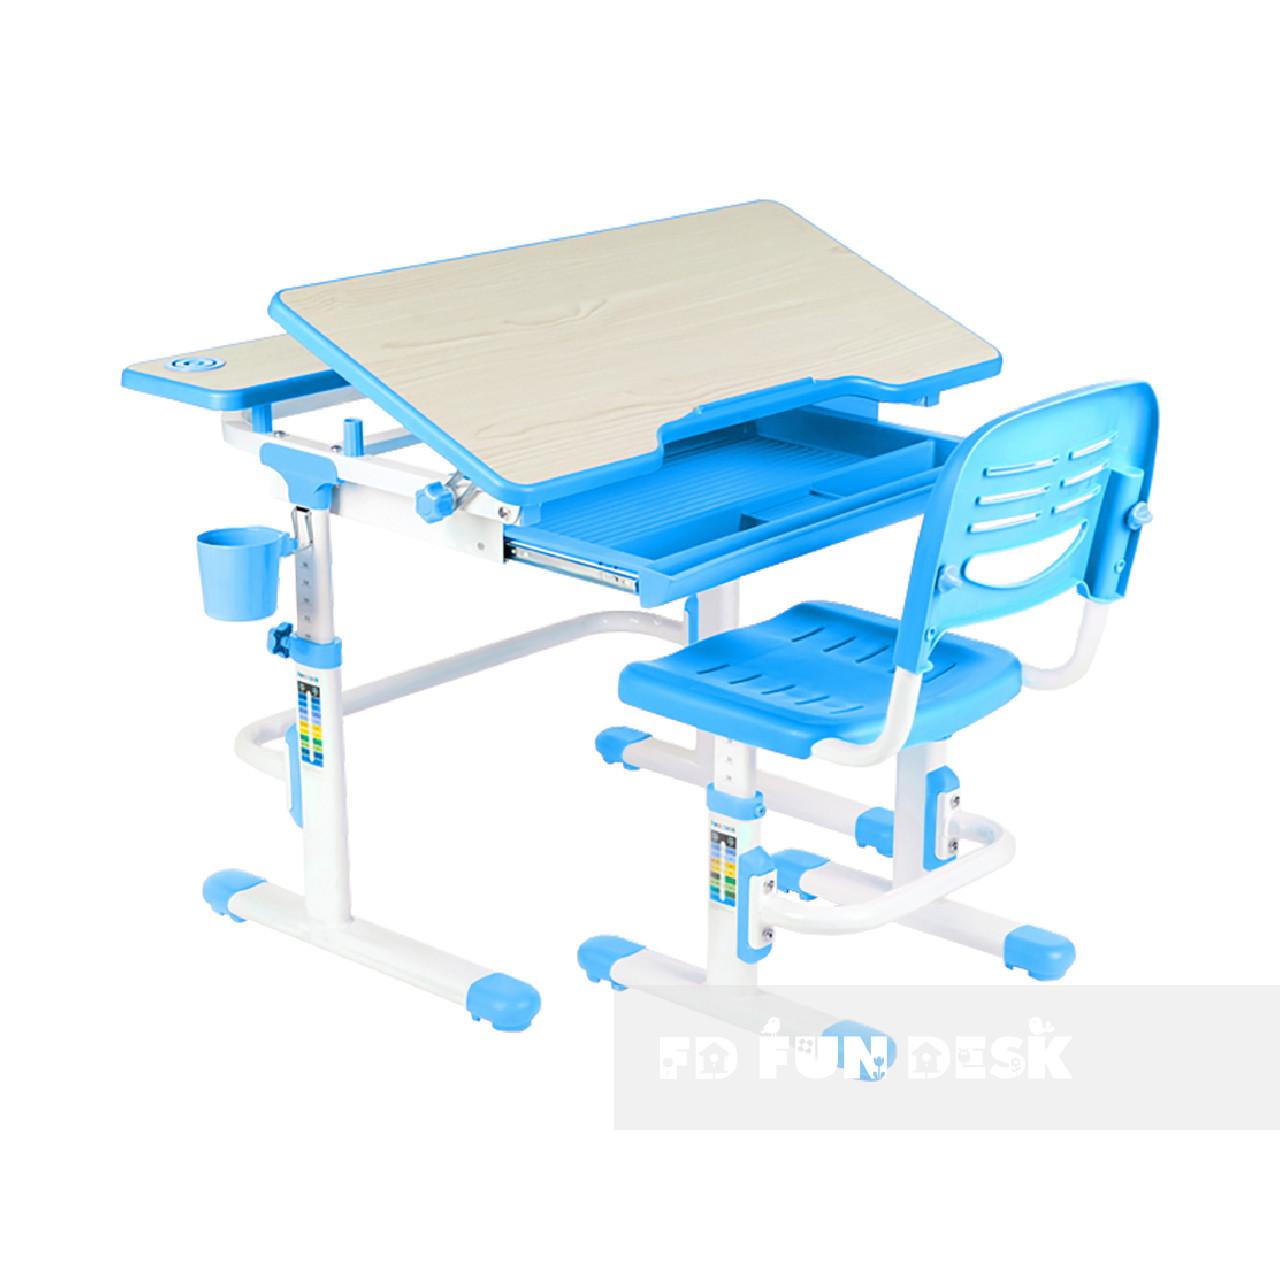 Растущая парта + стульчик для школьника Fundesk Lavoro Blue - ОПТОМ ДЛЯ ШКОЛ